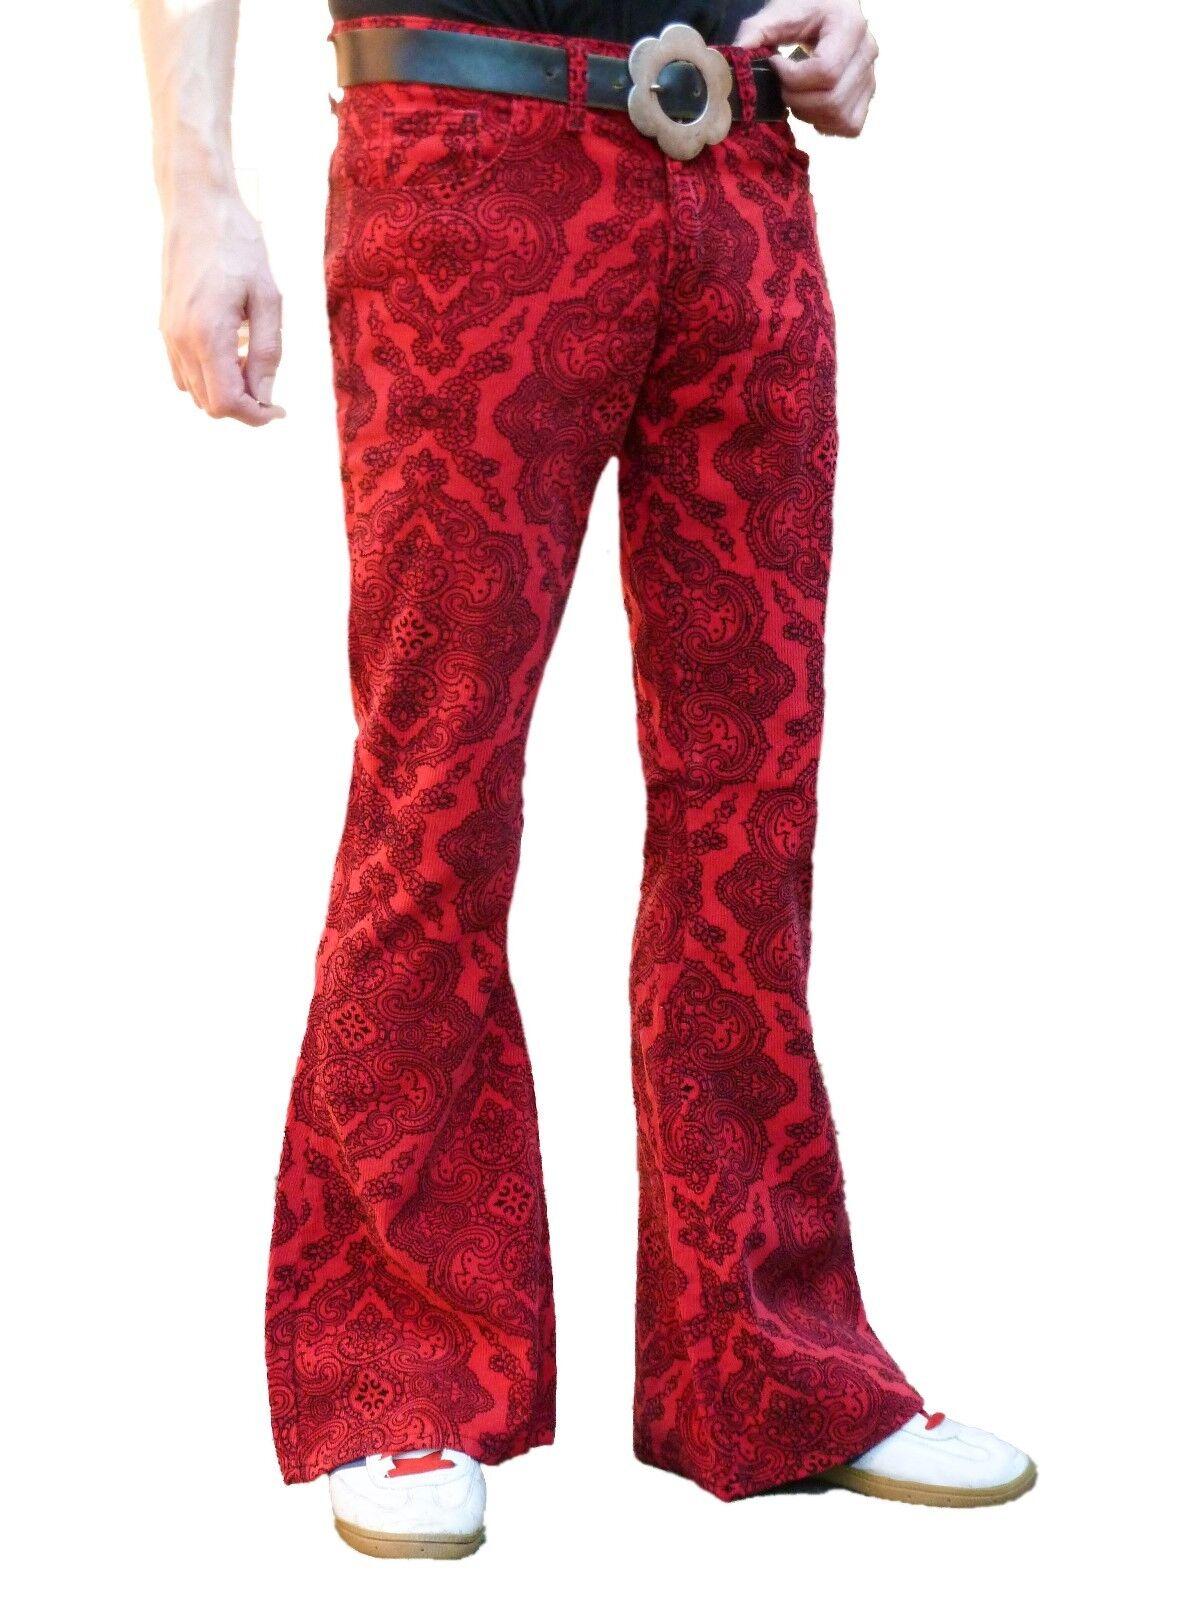 Emitido rojo paisley señores golpe pantalones Cord  pantalones VTG hippie años 60s 70s  Más asequible